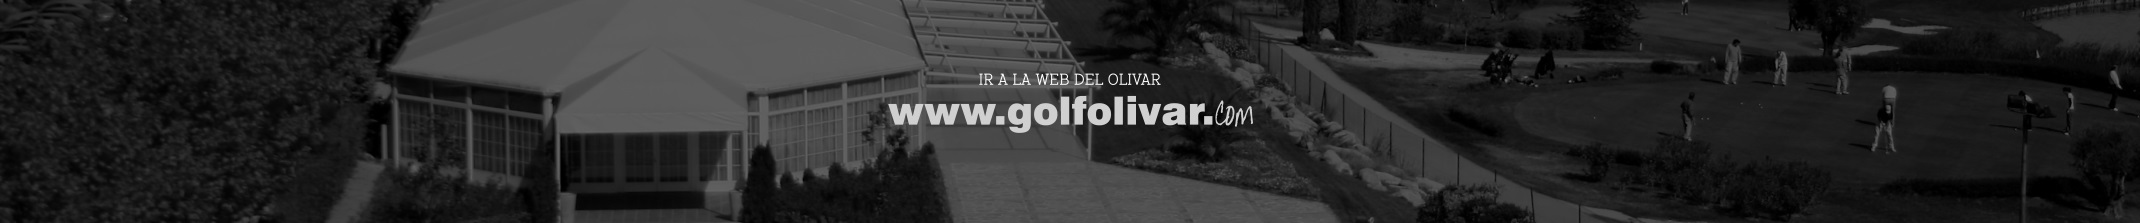 Web Olivar Golf Sabores Mas que Golf